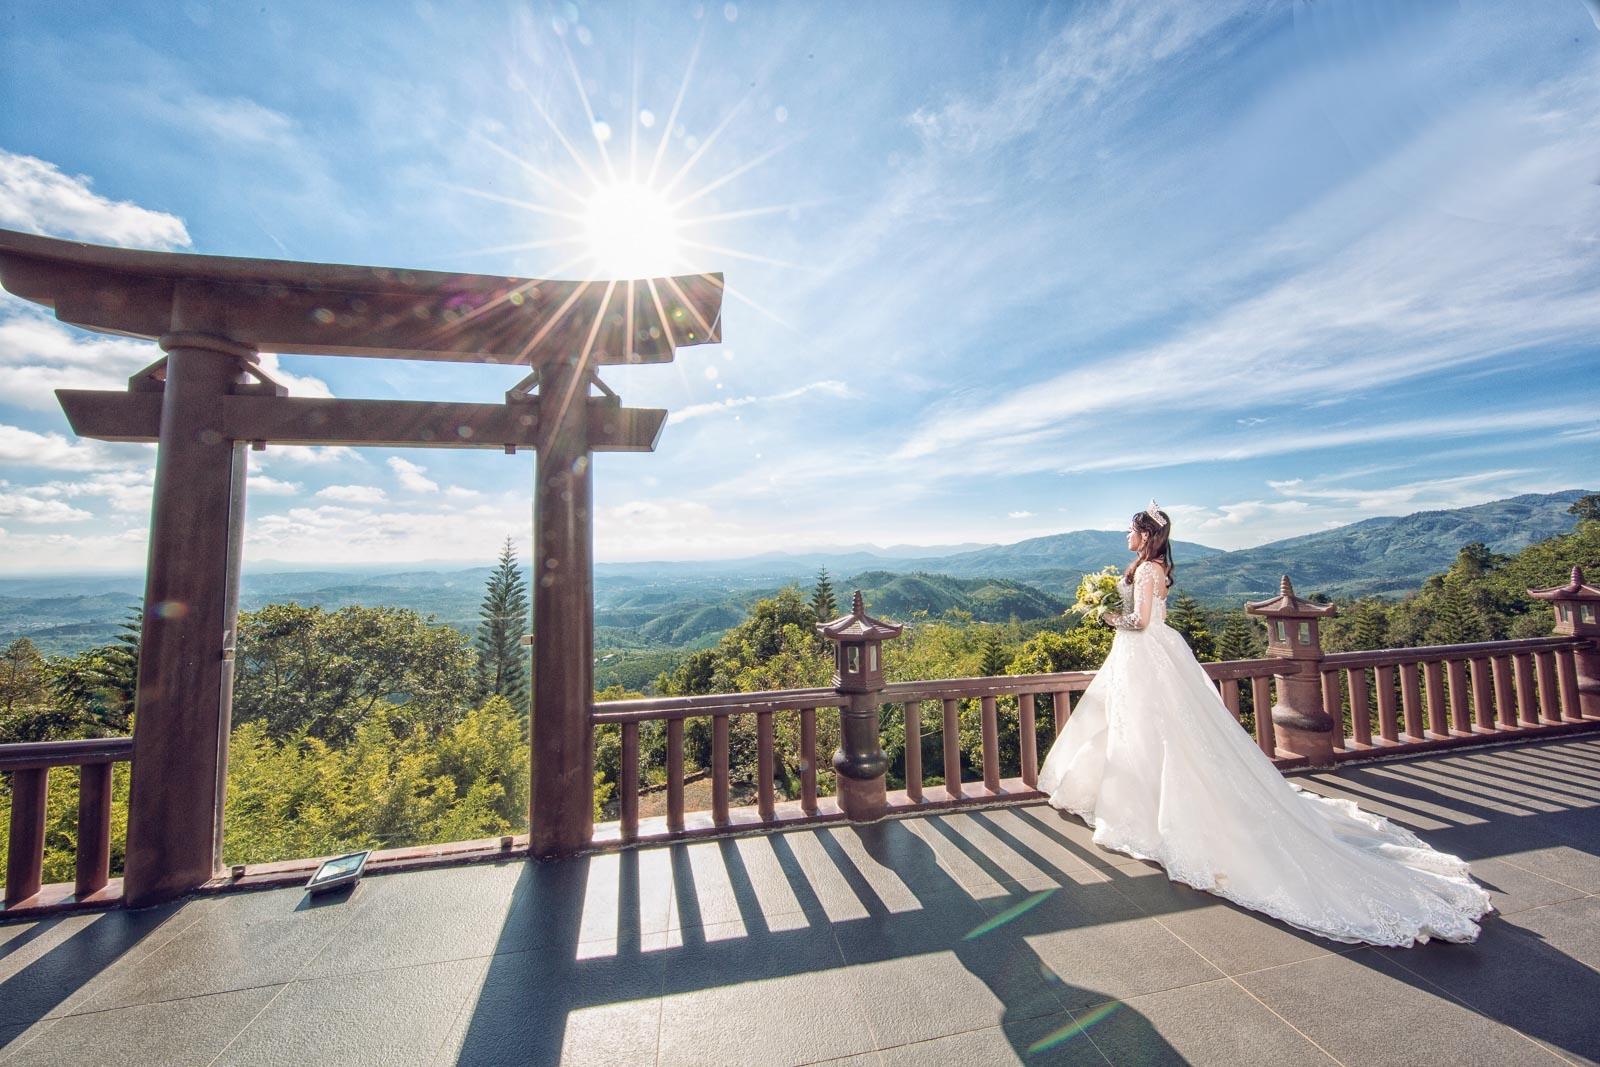 dịch vụ chụp ảnh cưới ở Đà Lạt trọn gói giá rẻ tphcm tại Đăng Khoa studio